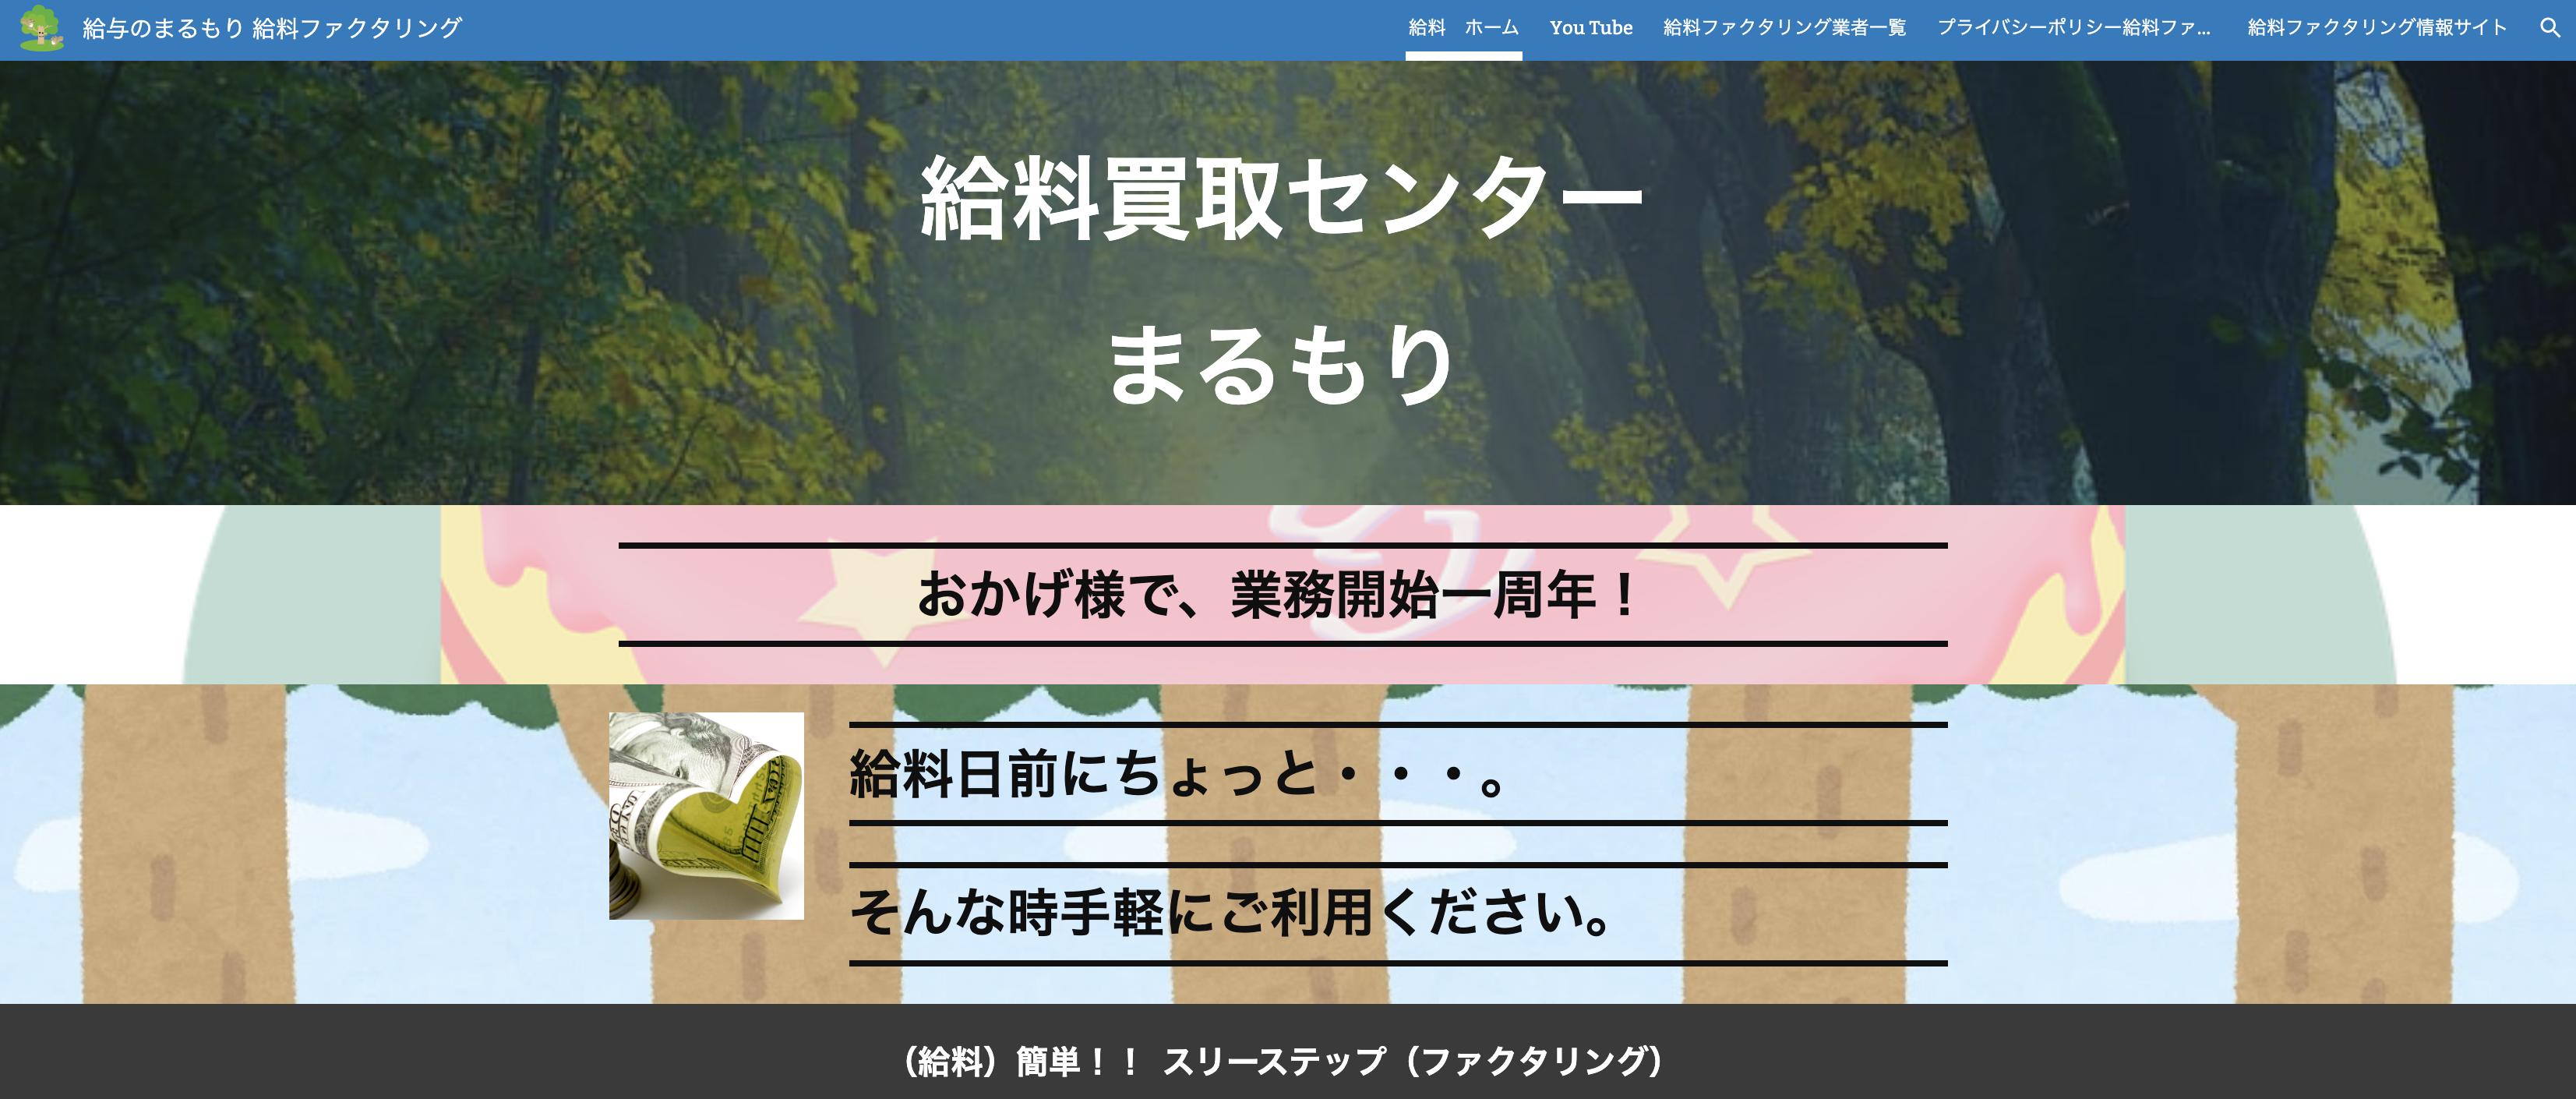 まるもりのホームページの画像